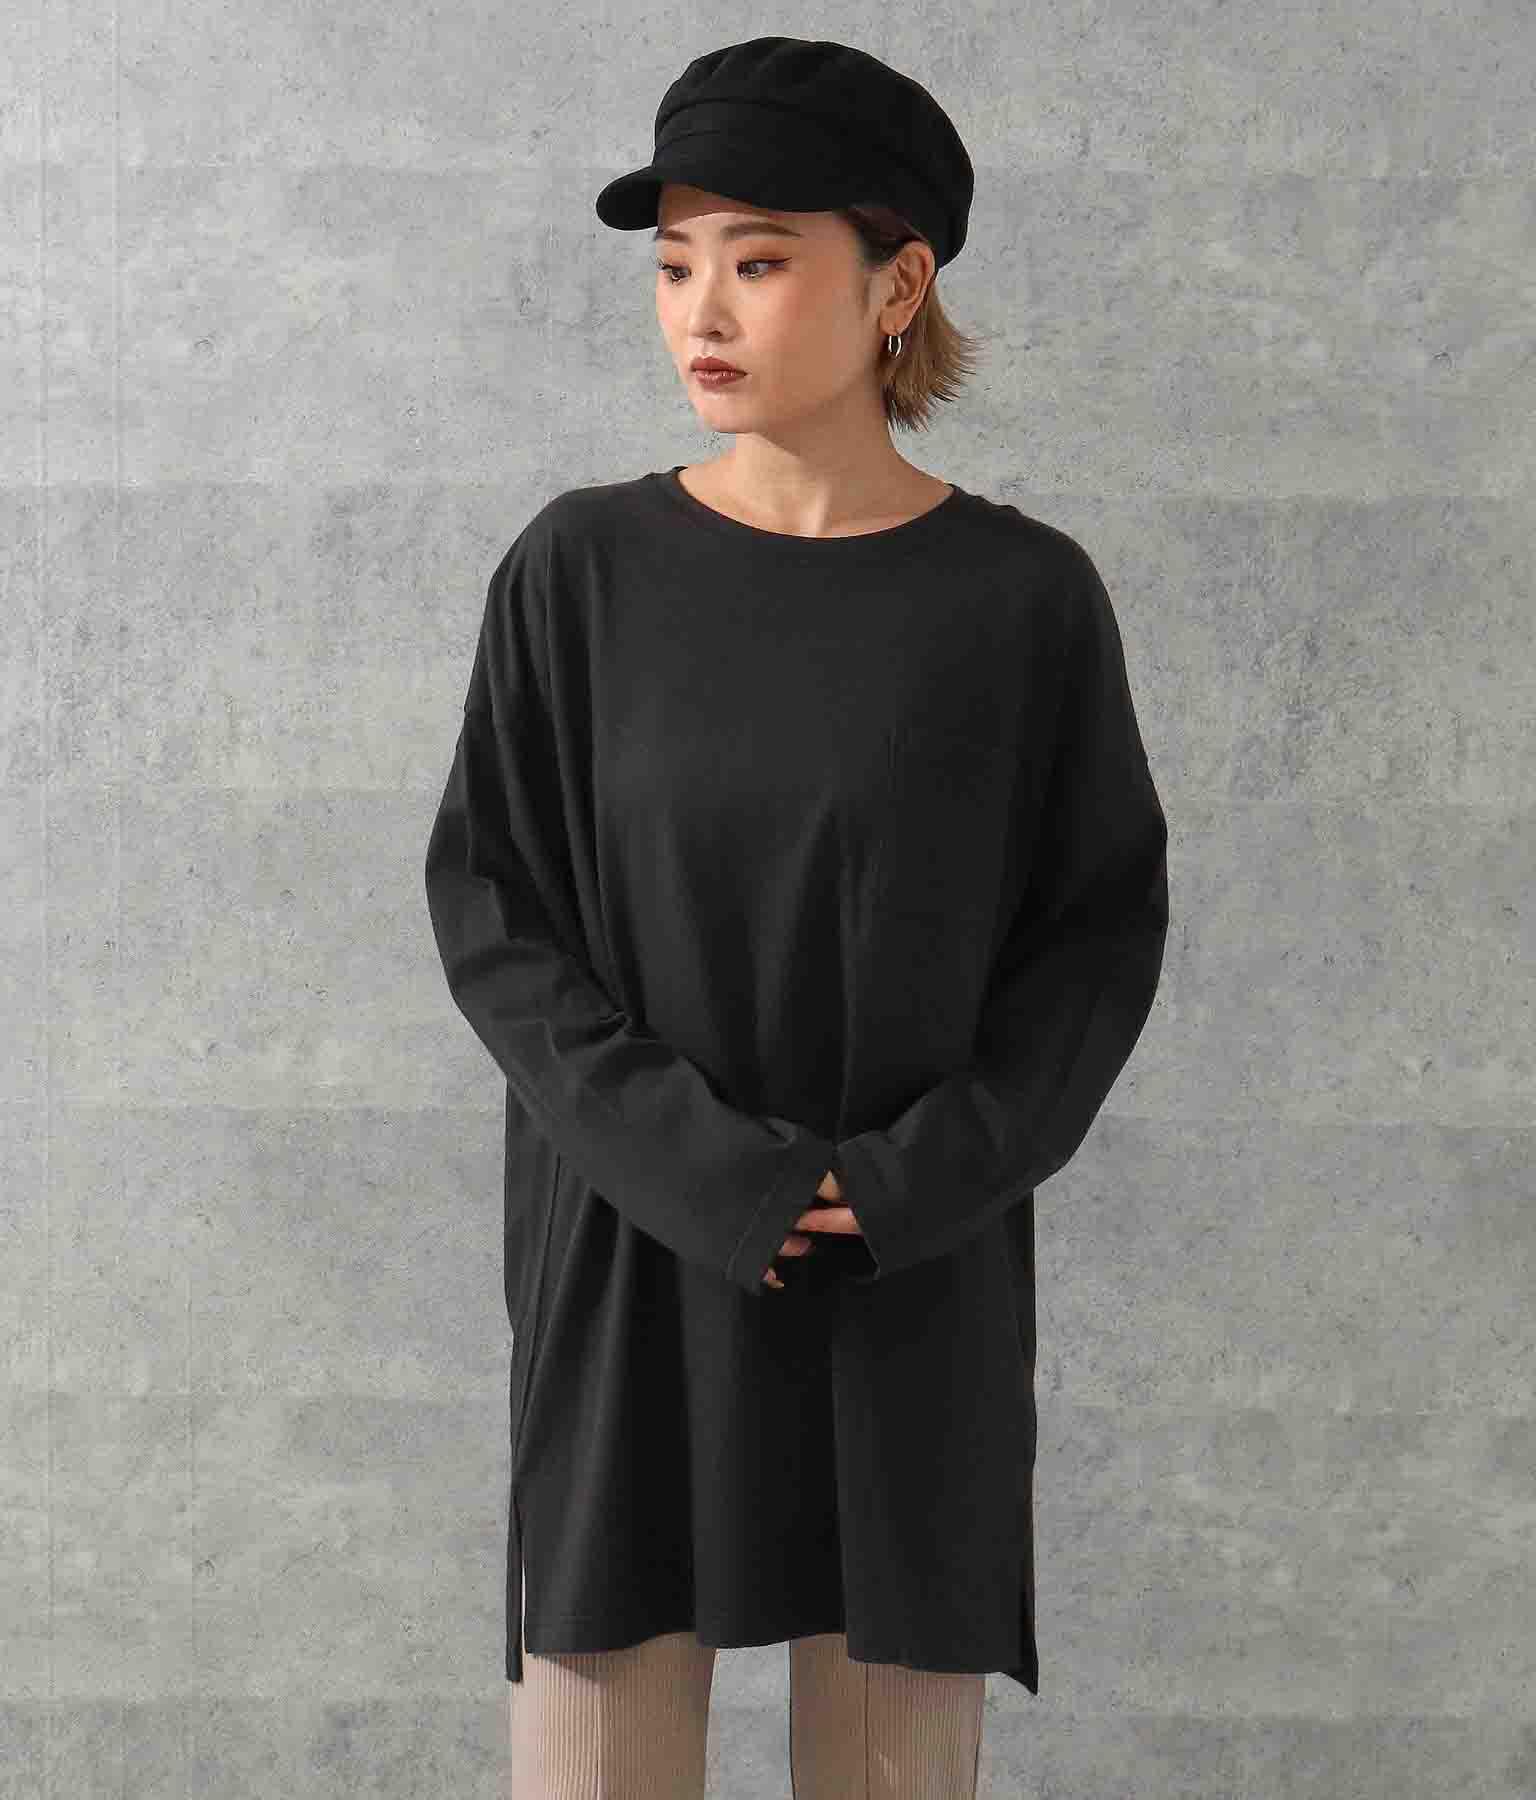 ANAP オーバーサイズシンプルロングTシャツ